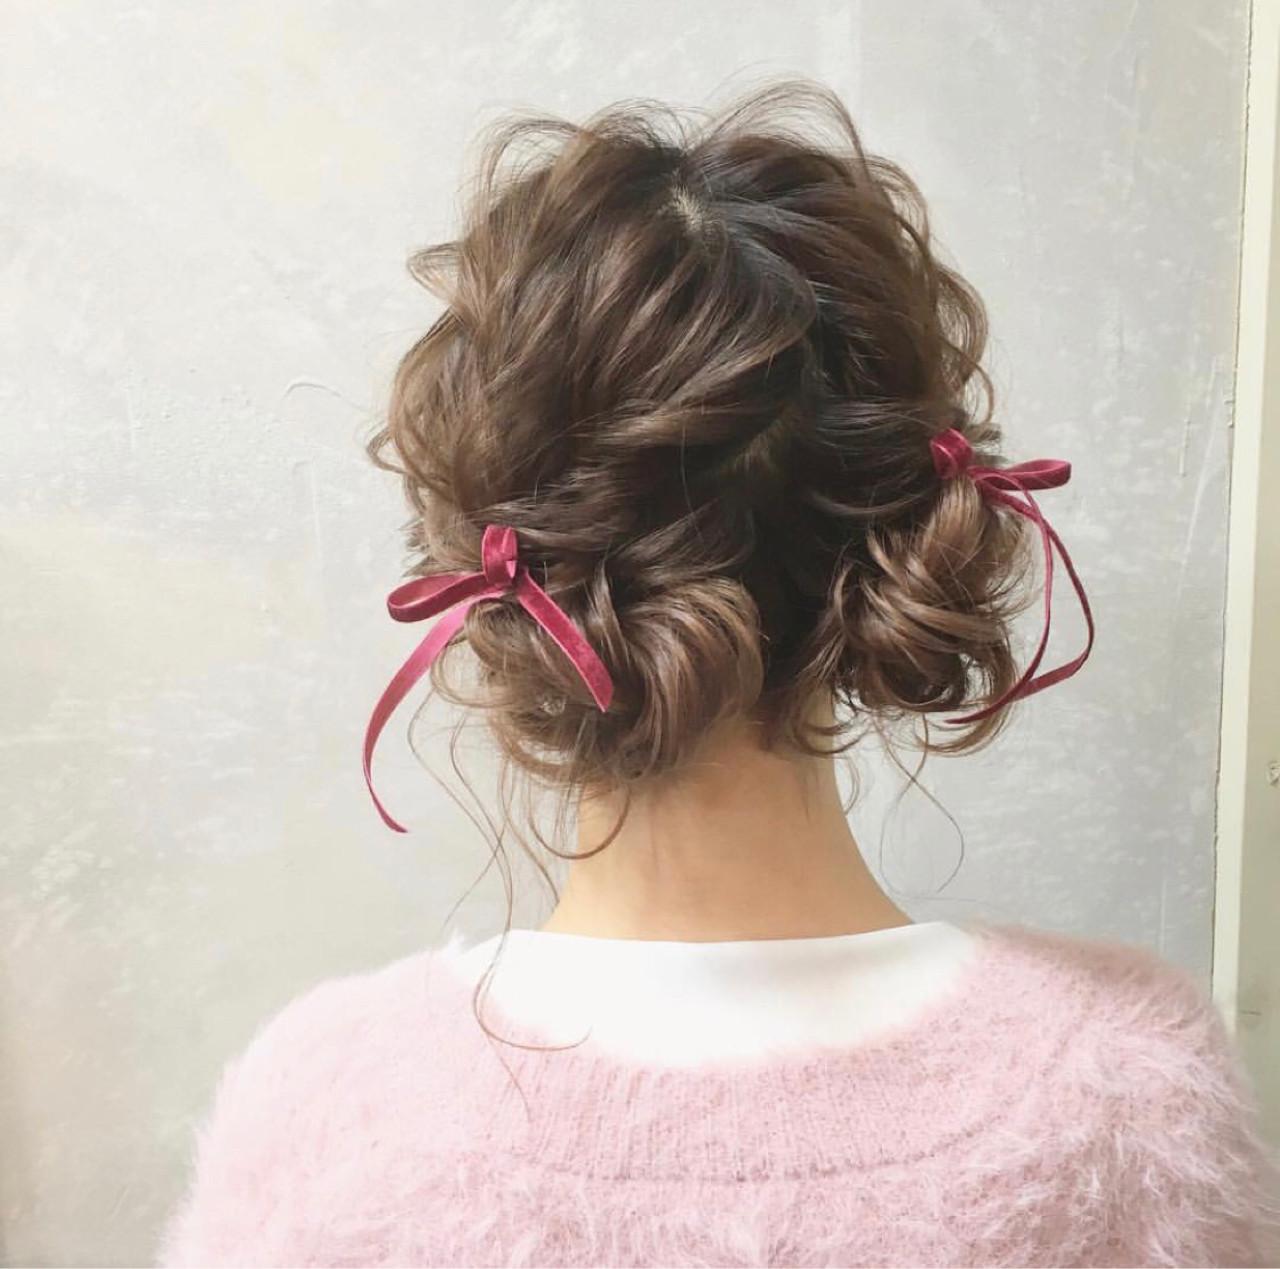 セミロング ヘアアレンジ お団子 ガーリー ヘアスタイルや髪型の写真・画像